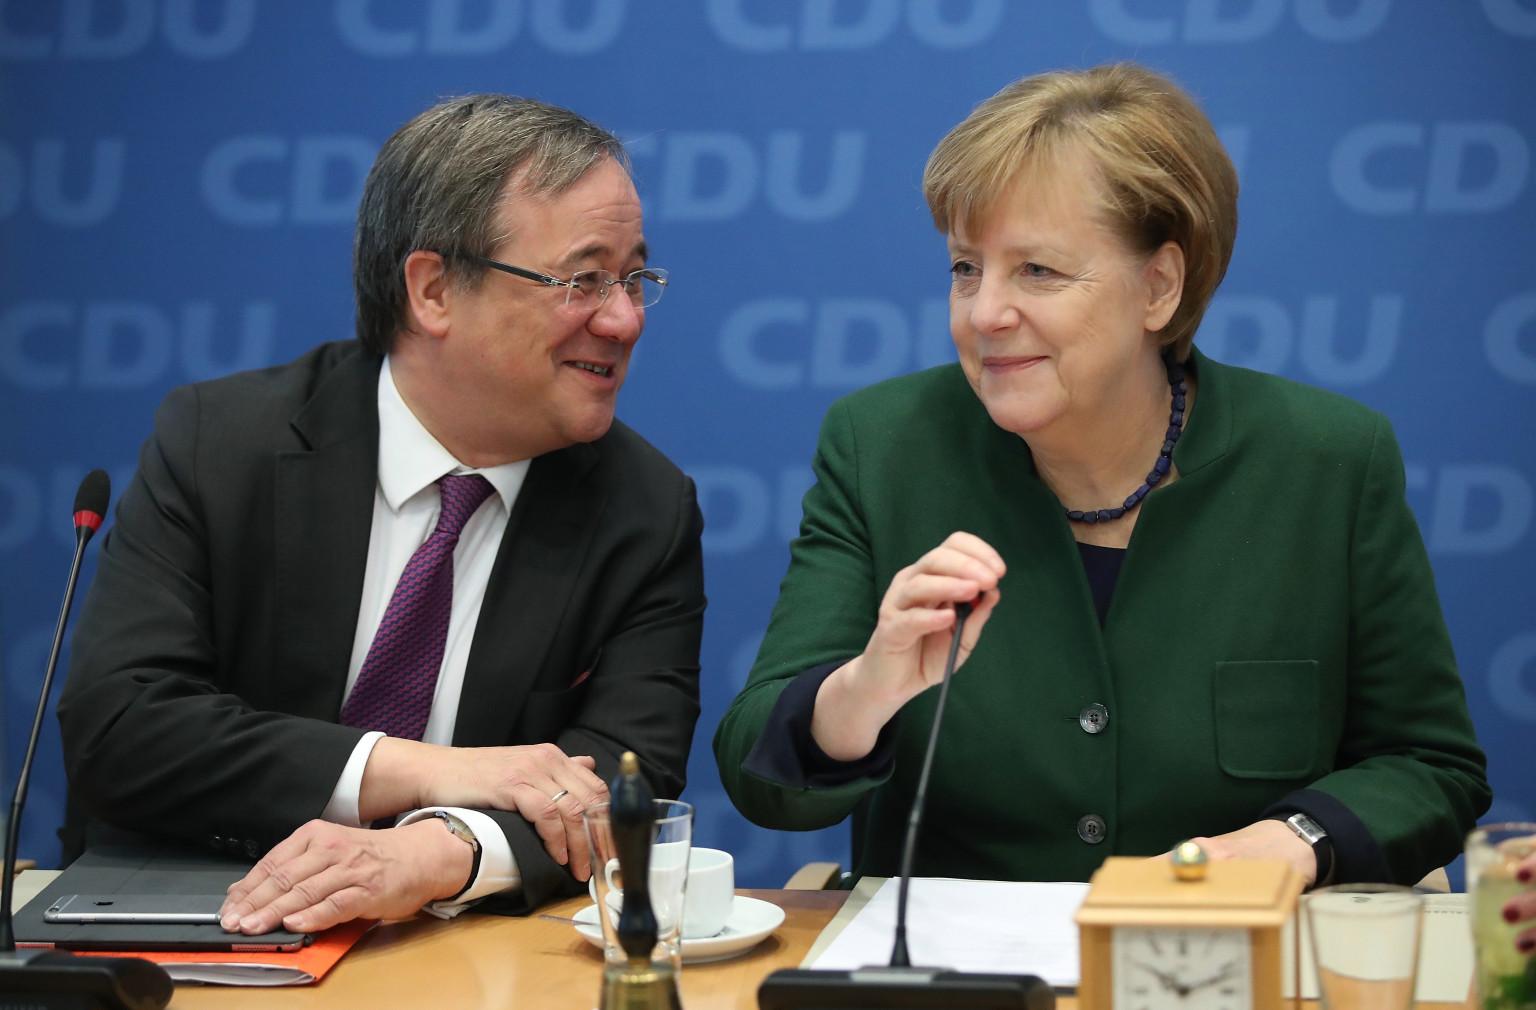 Эксперт: возможно, преемник Меркель будет пророссийским и прокитайским